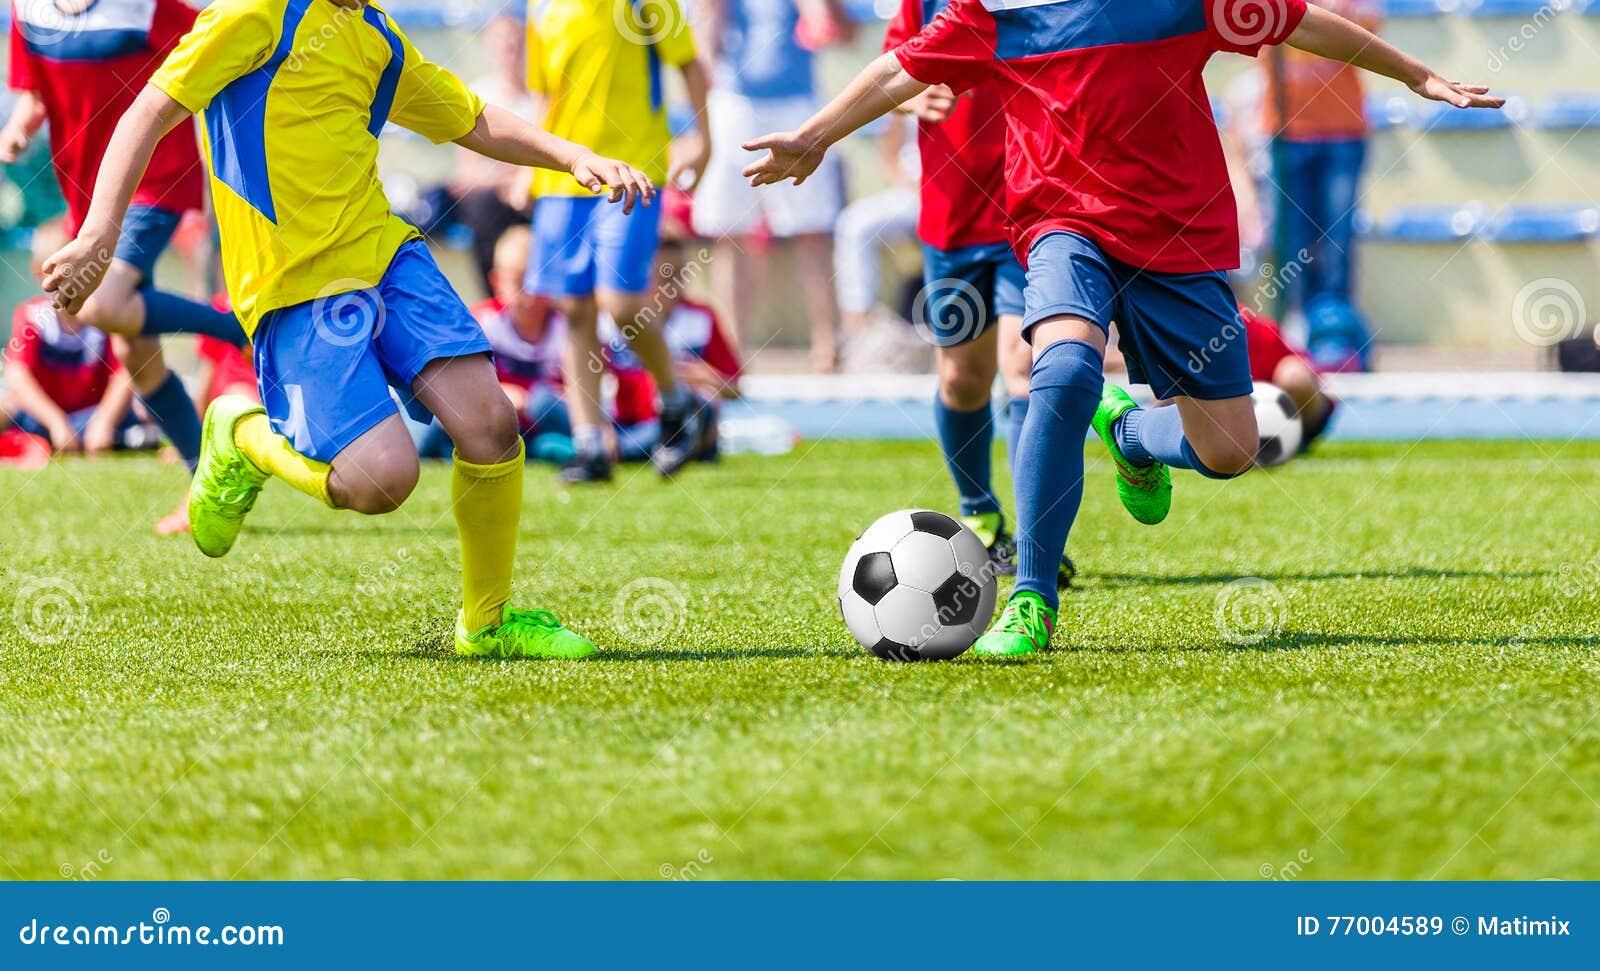 Match de football du football de la jeunesse Enfants jouant le jeu de football sur le champ de sport